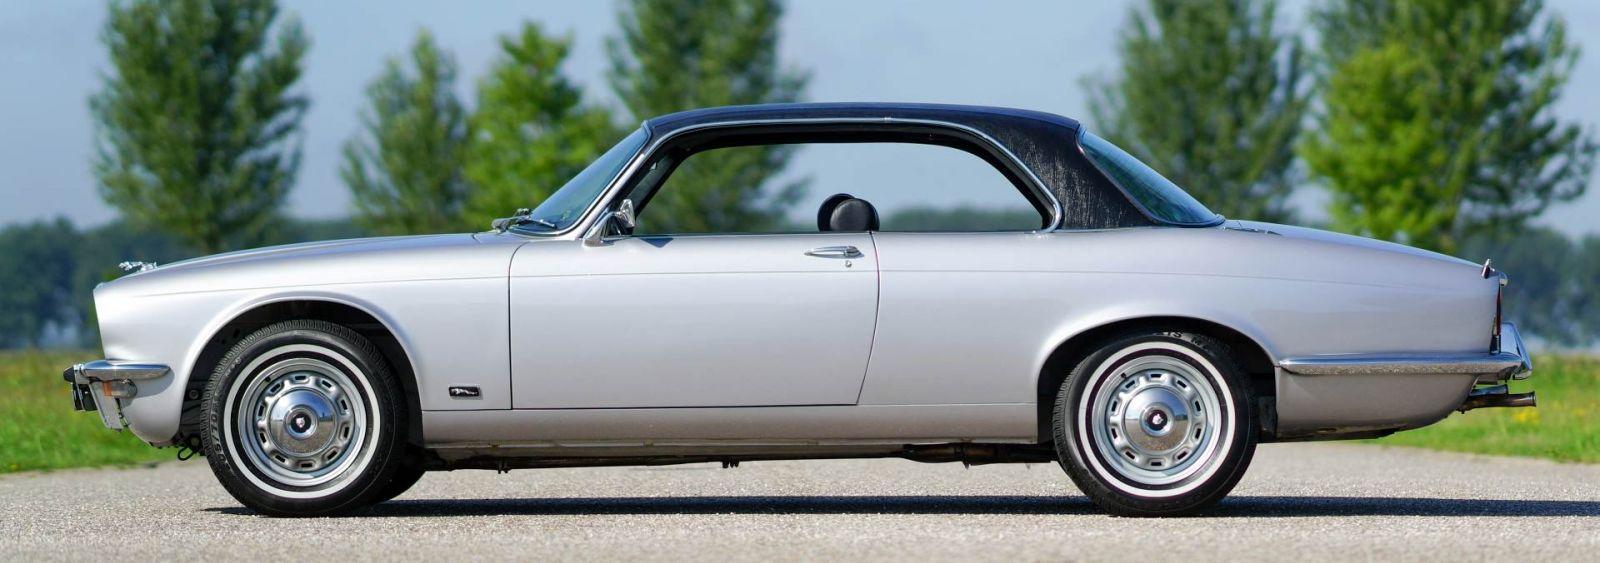 1968 Jaguar XJ6 Backgrounds